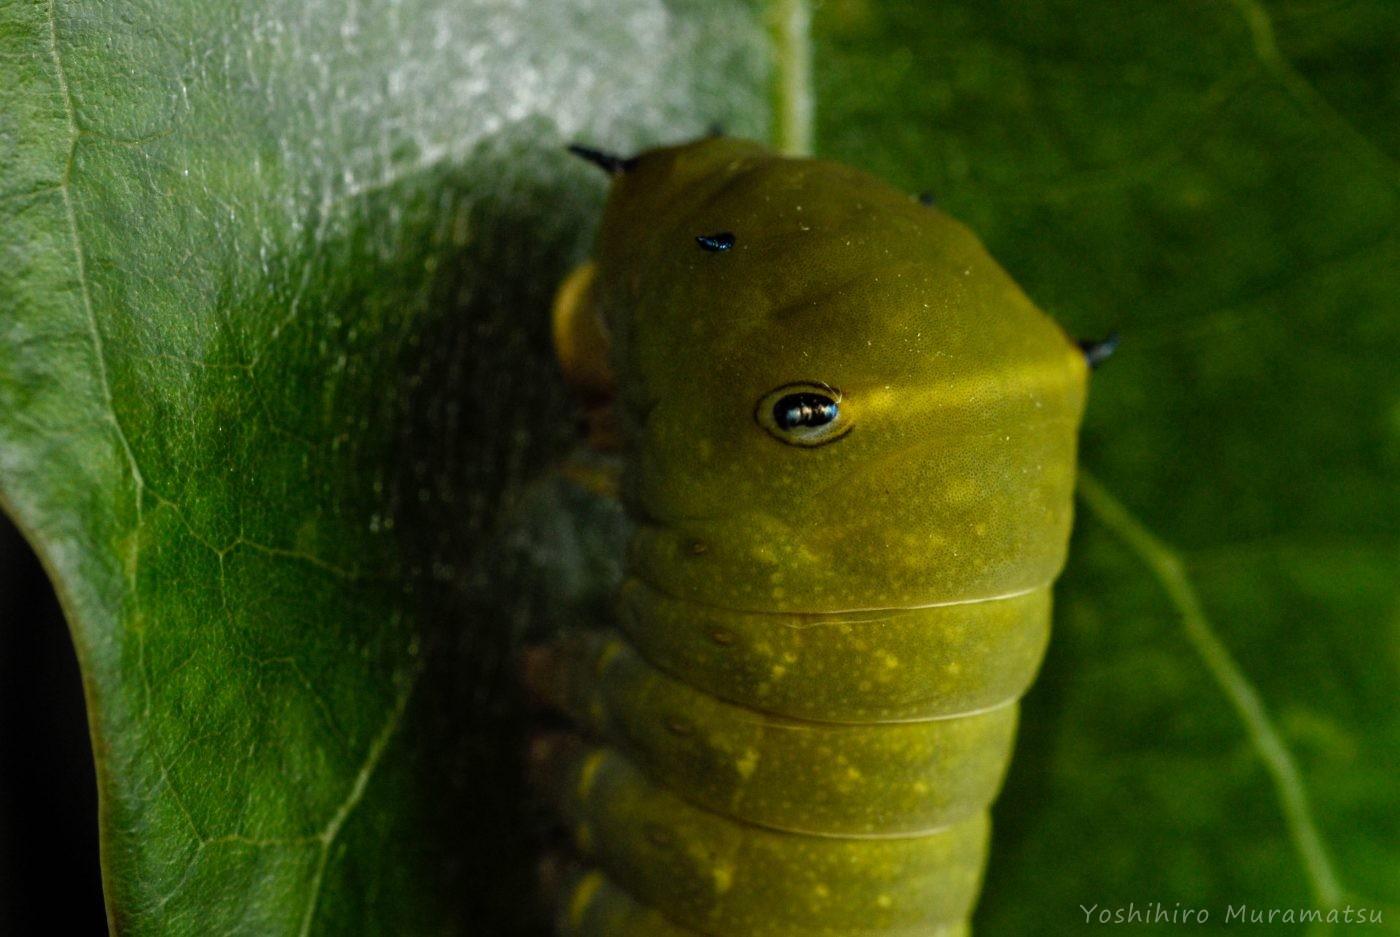 アオスジアゲハ4齢幼虫